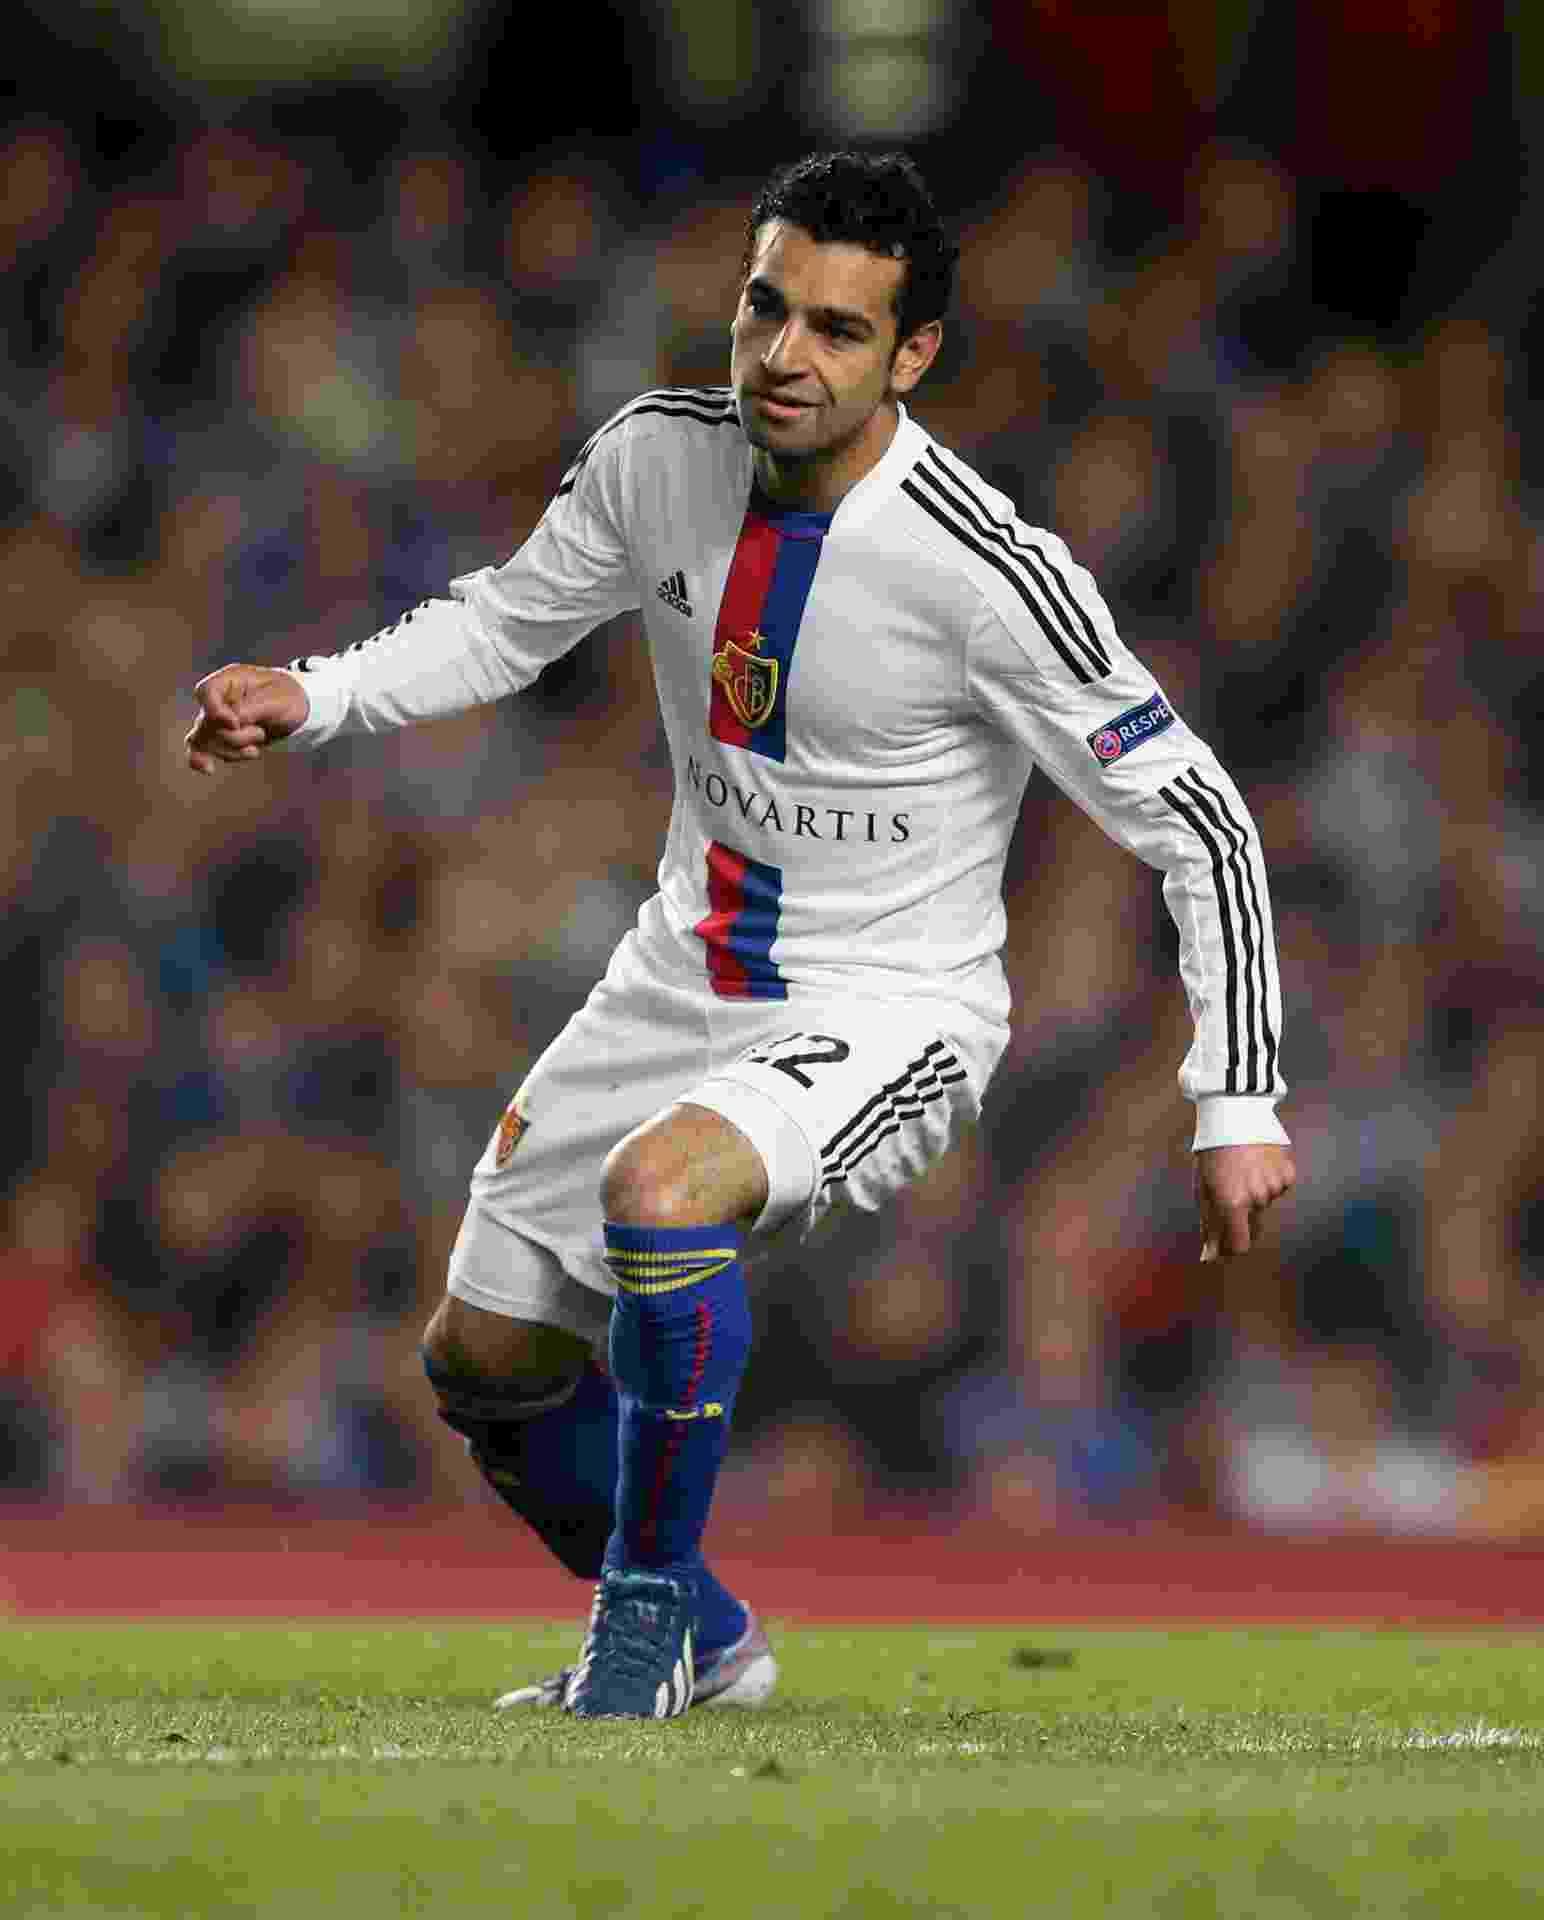 O Basel, da Suíça, foi o primeiro time de Mohamed Salah na Europa. O atacante chegou ao clube em 2012 - Getty Images